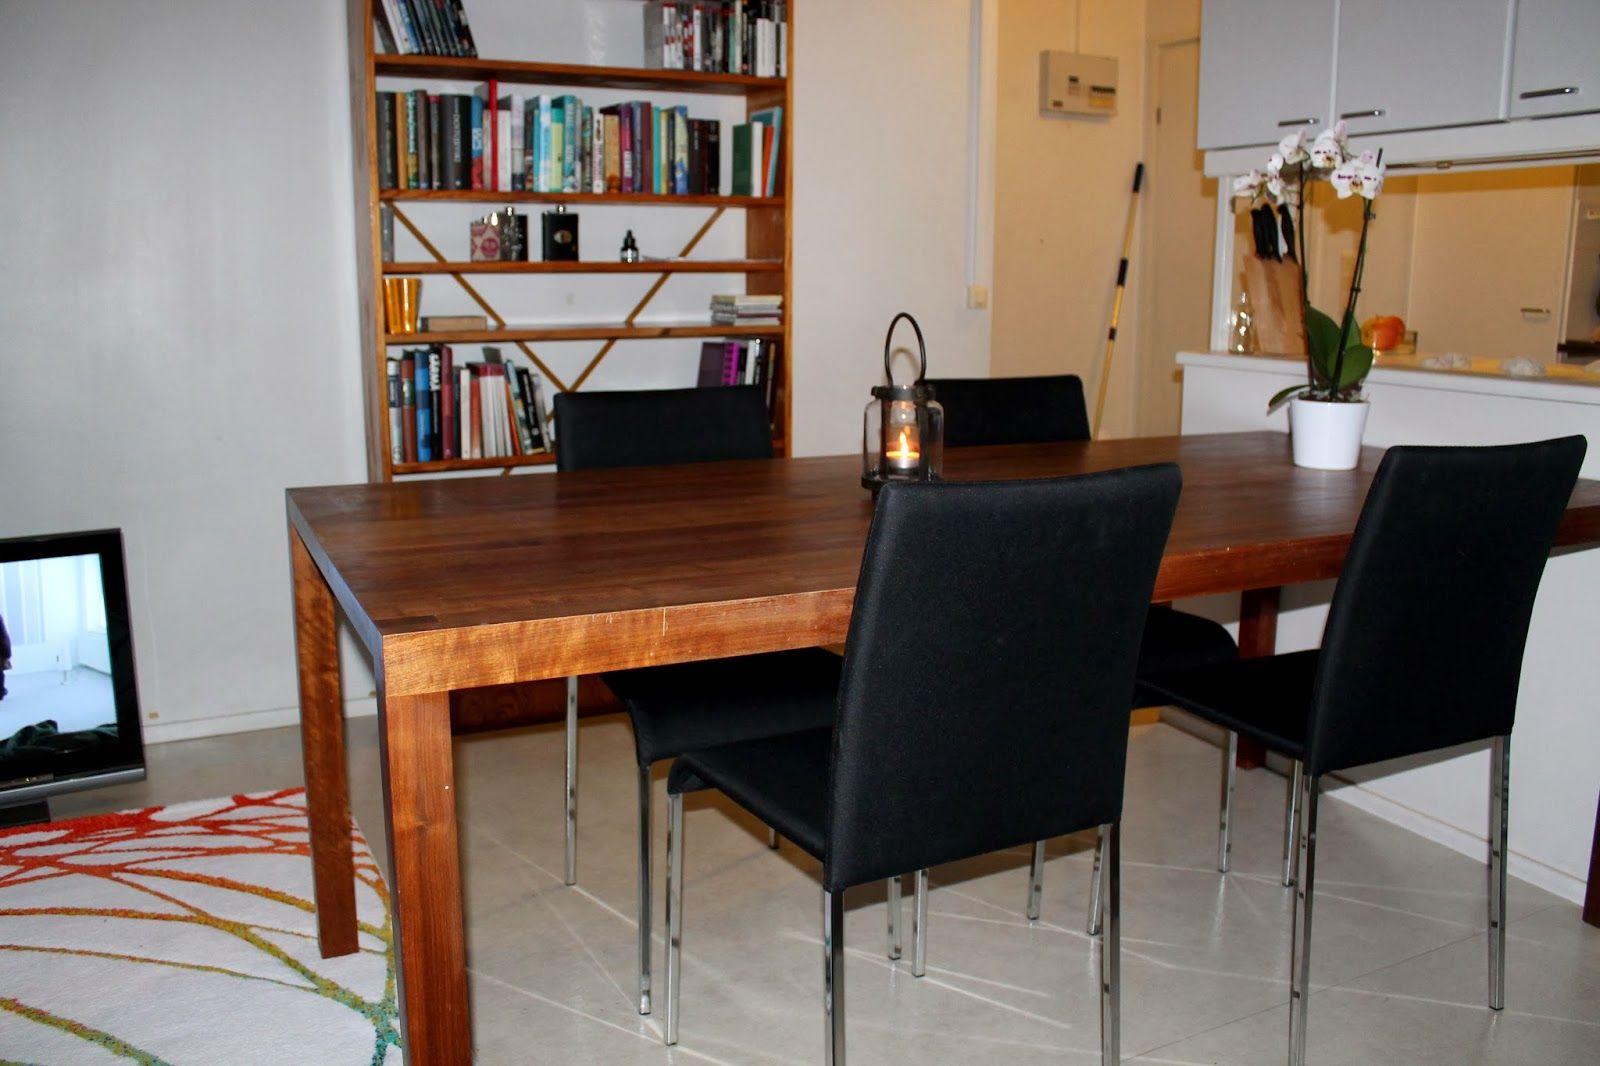 My very first dinner table #wooden_dinner_table #dinner #wood http://alinankotona.blogspot.fi/2013/11/fiilistelyja-uudesta-kodista.html?view=snapshot